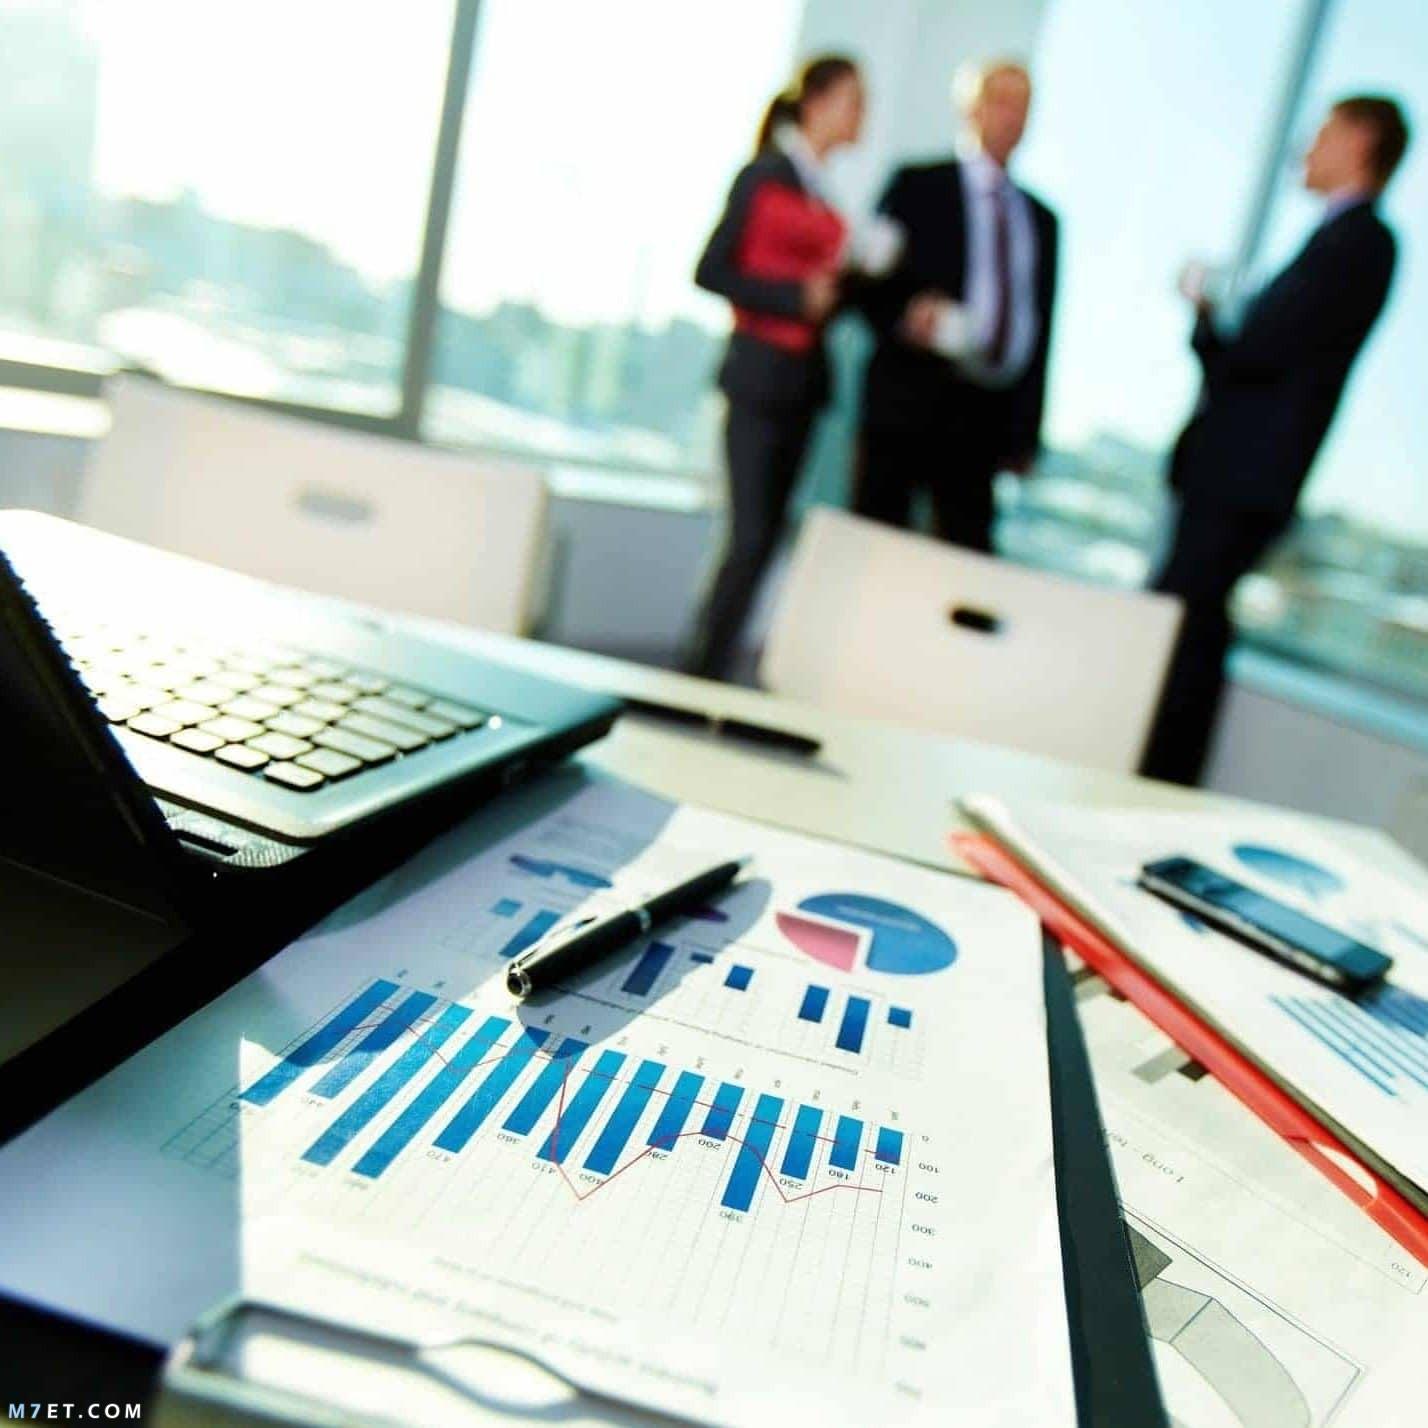 مجالات إدارة الأعمال